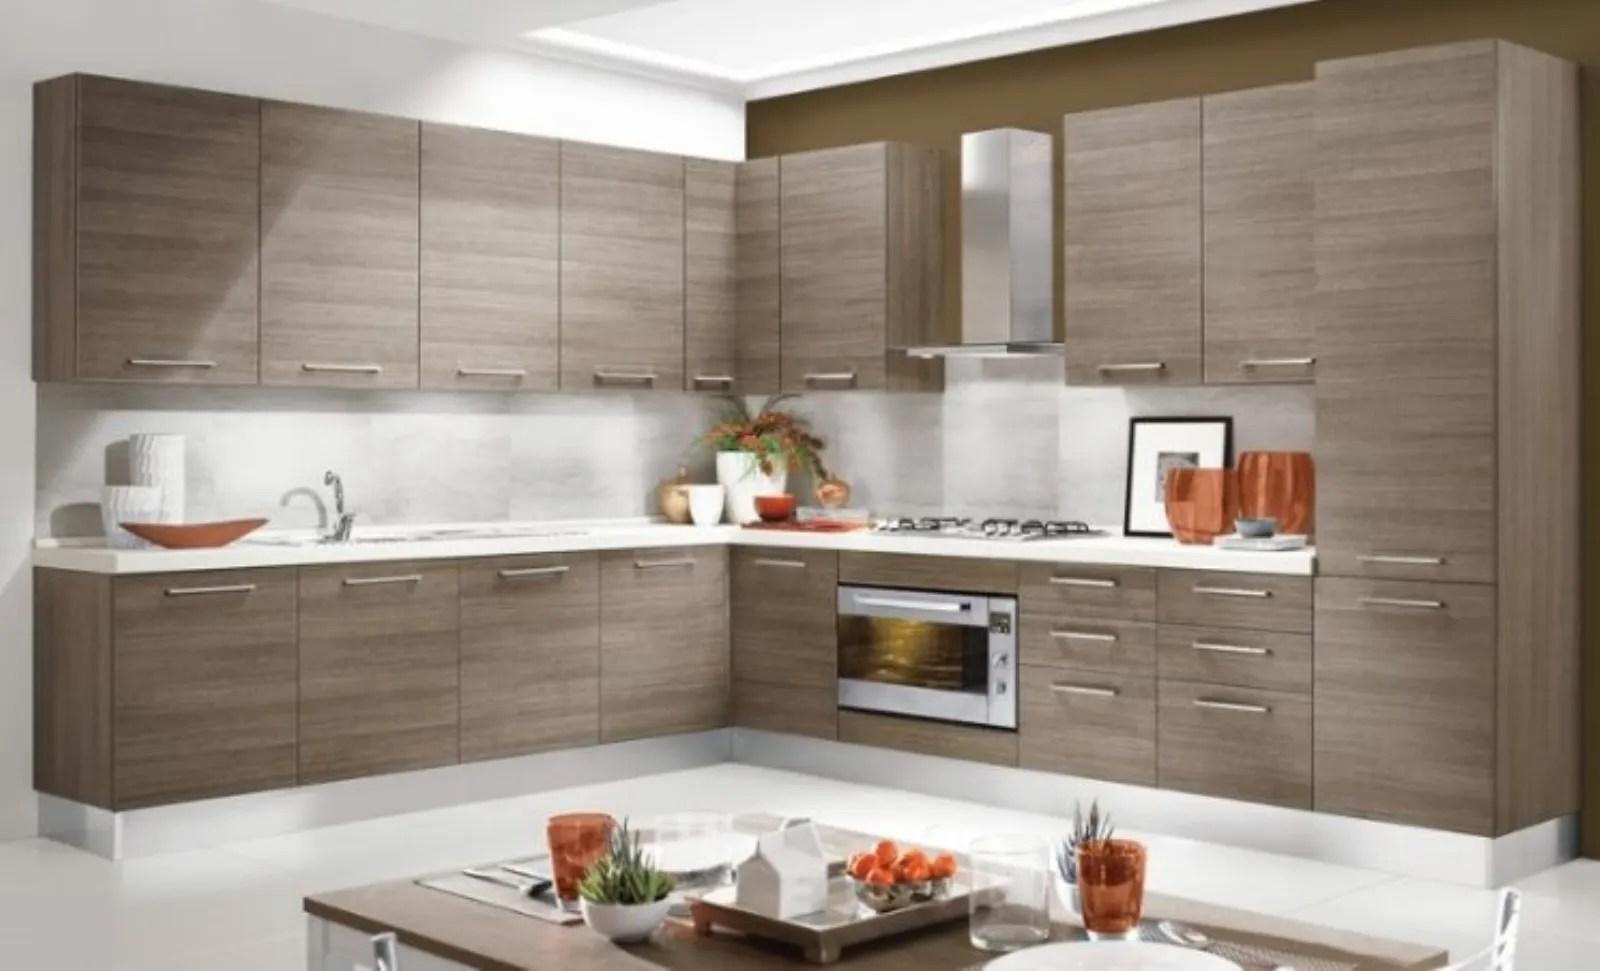 Colonna frigo con mobile per l'incasso, piano cottura con base e forno con. Mondo Convenienza Cucine Proposte Per Ogni Esigenza